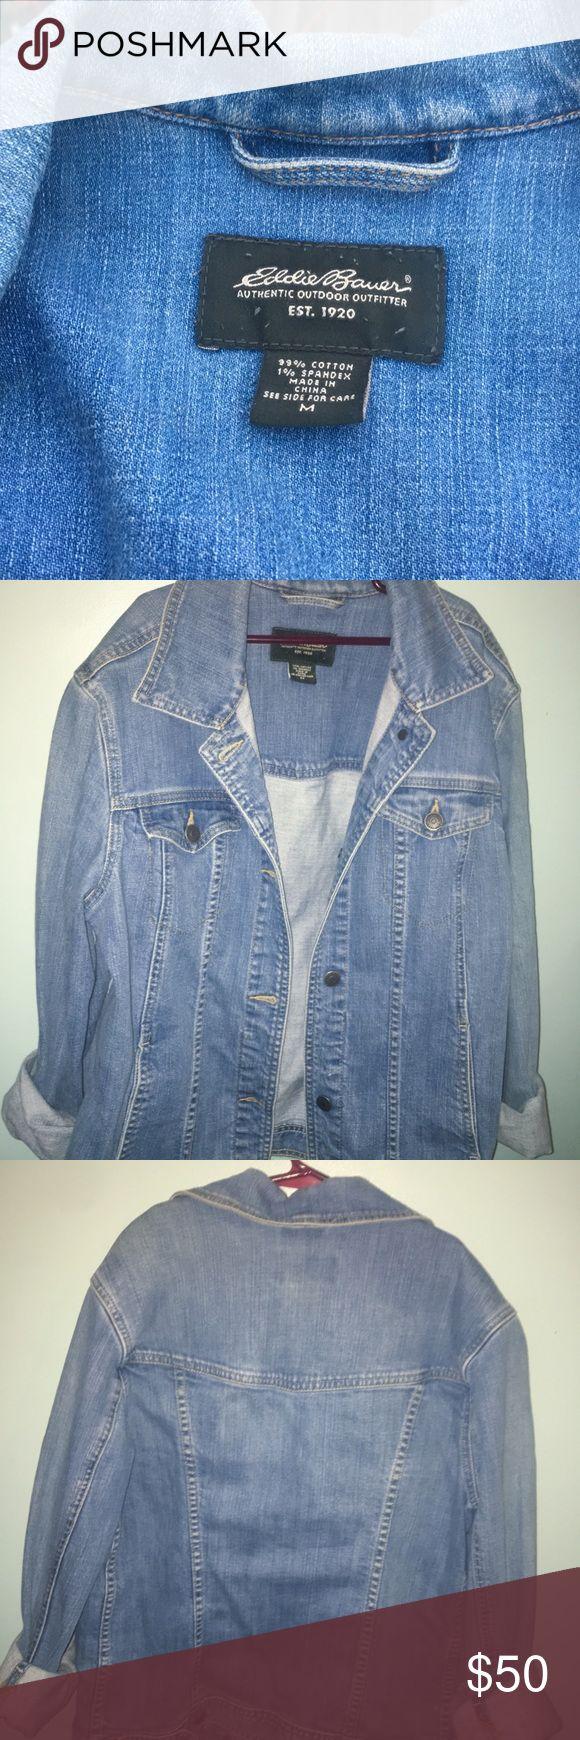 Eddie Bauer denim jacket Great condition, authentic eddie bauer outdoor outfitters. Light wash blue denim, size medium jacket Eddie Bauer Jackets & Coats Jean Jackets